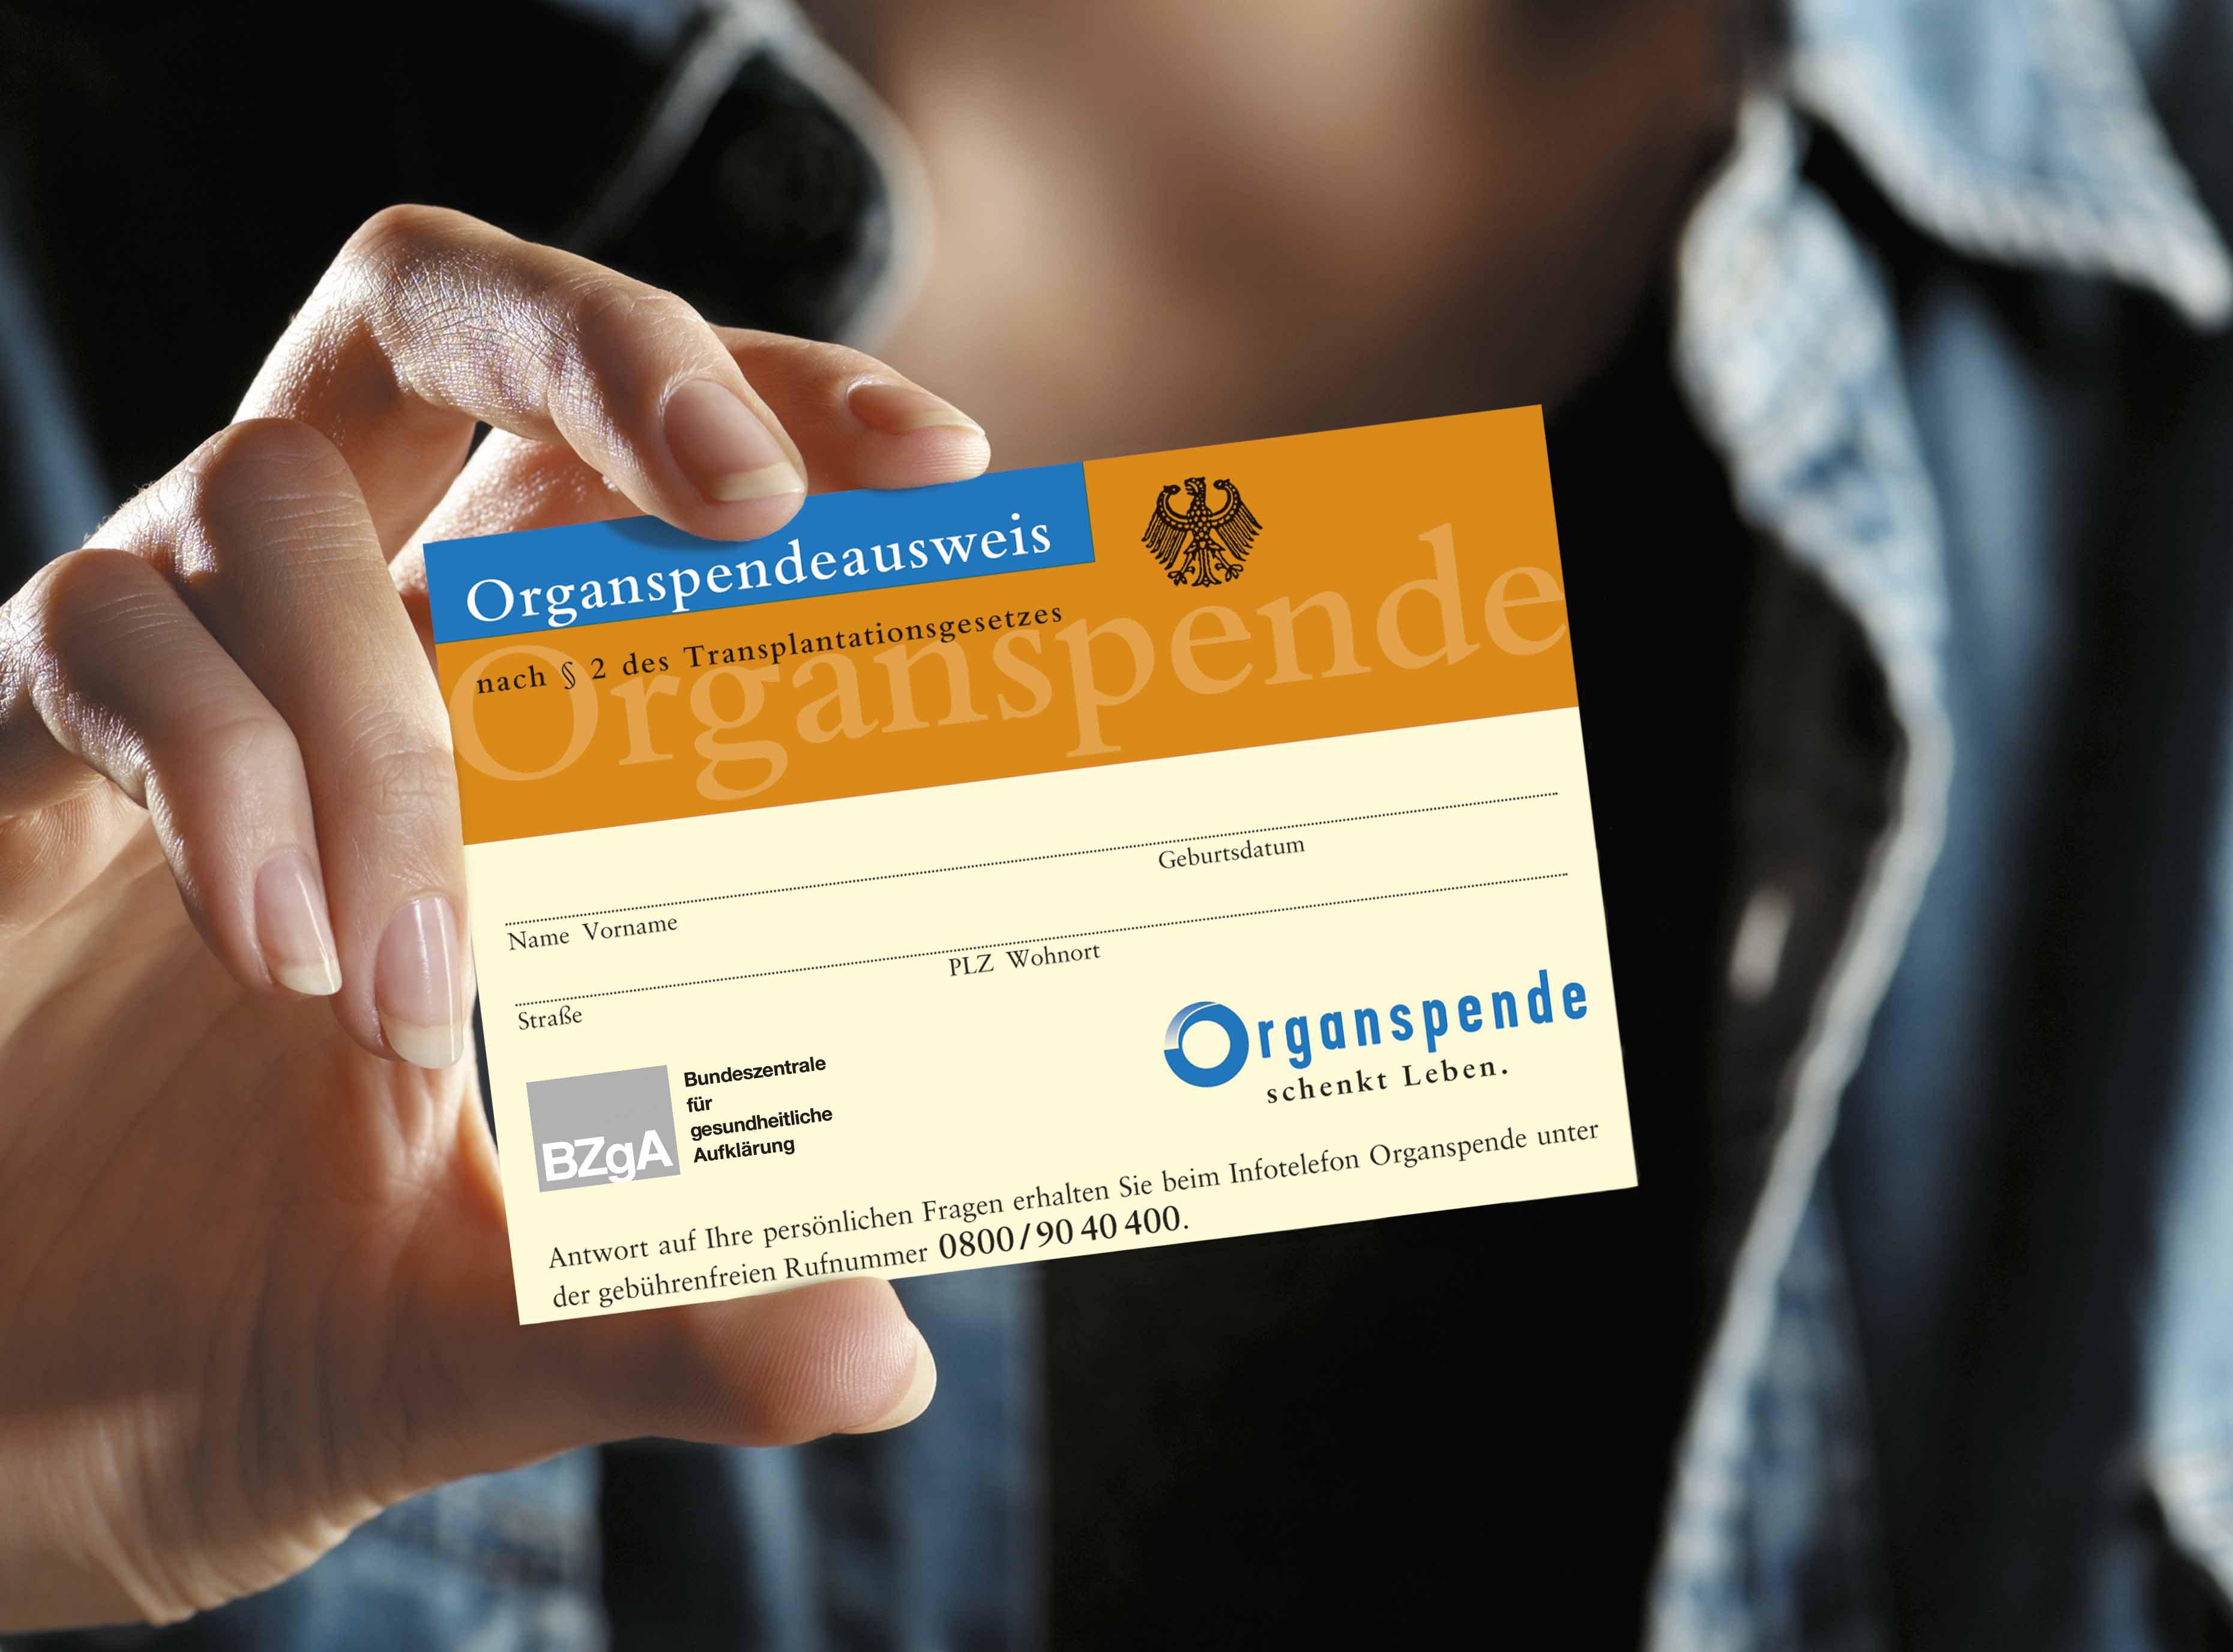 Organ-sepnde-ausweis Bild: BZgA